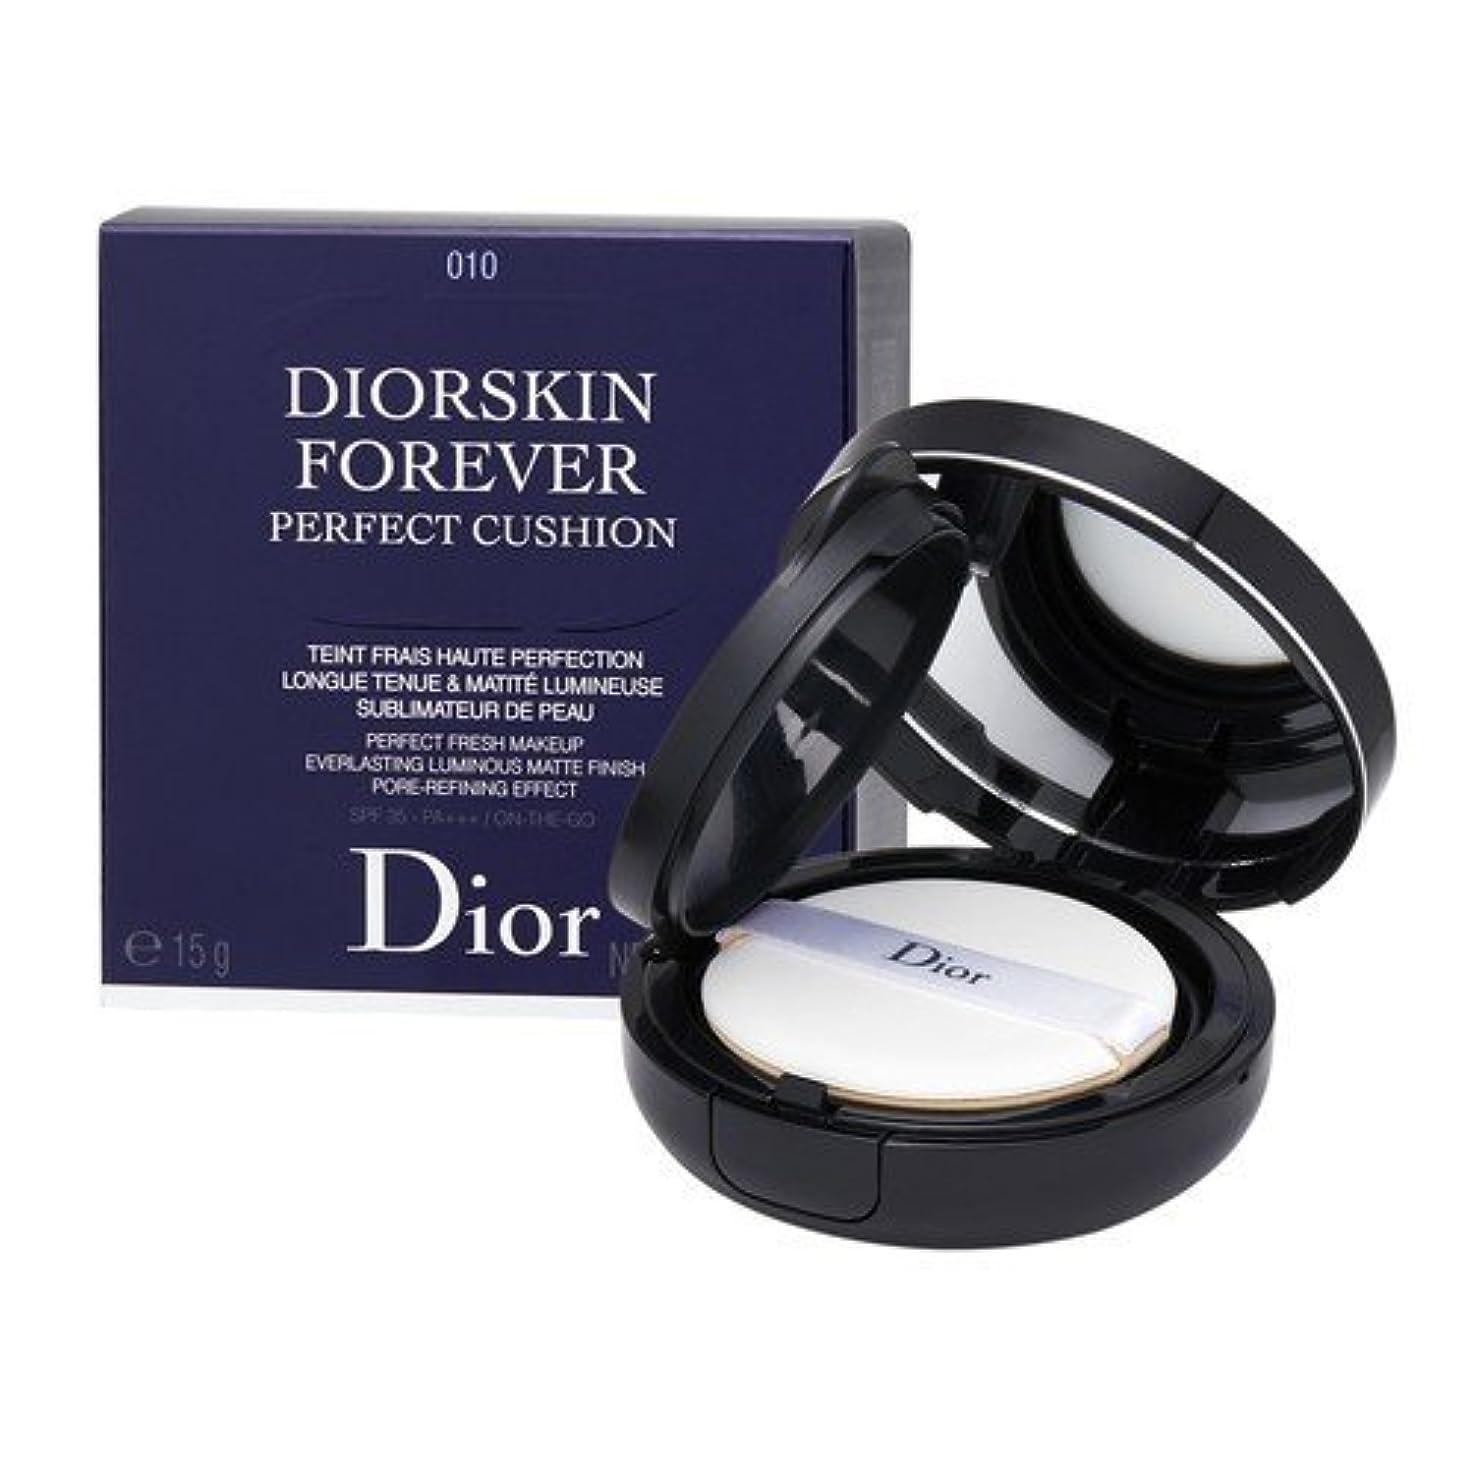 以降マナー癌クリスチャン ディオール(Christian Dior) ディオールスキン フォーエヴァー クッション #010 アイボリー 15g[並行輸入品]